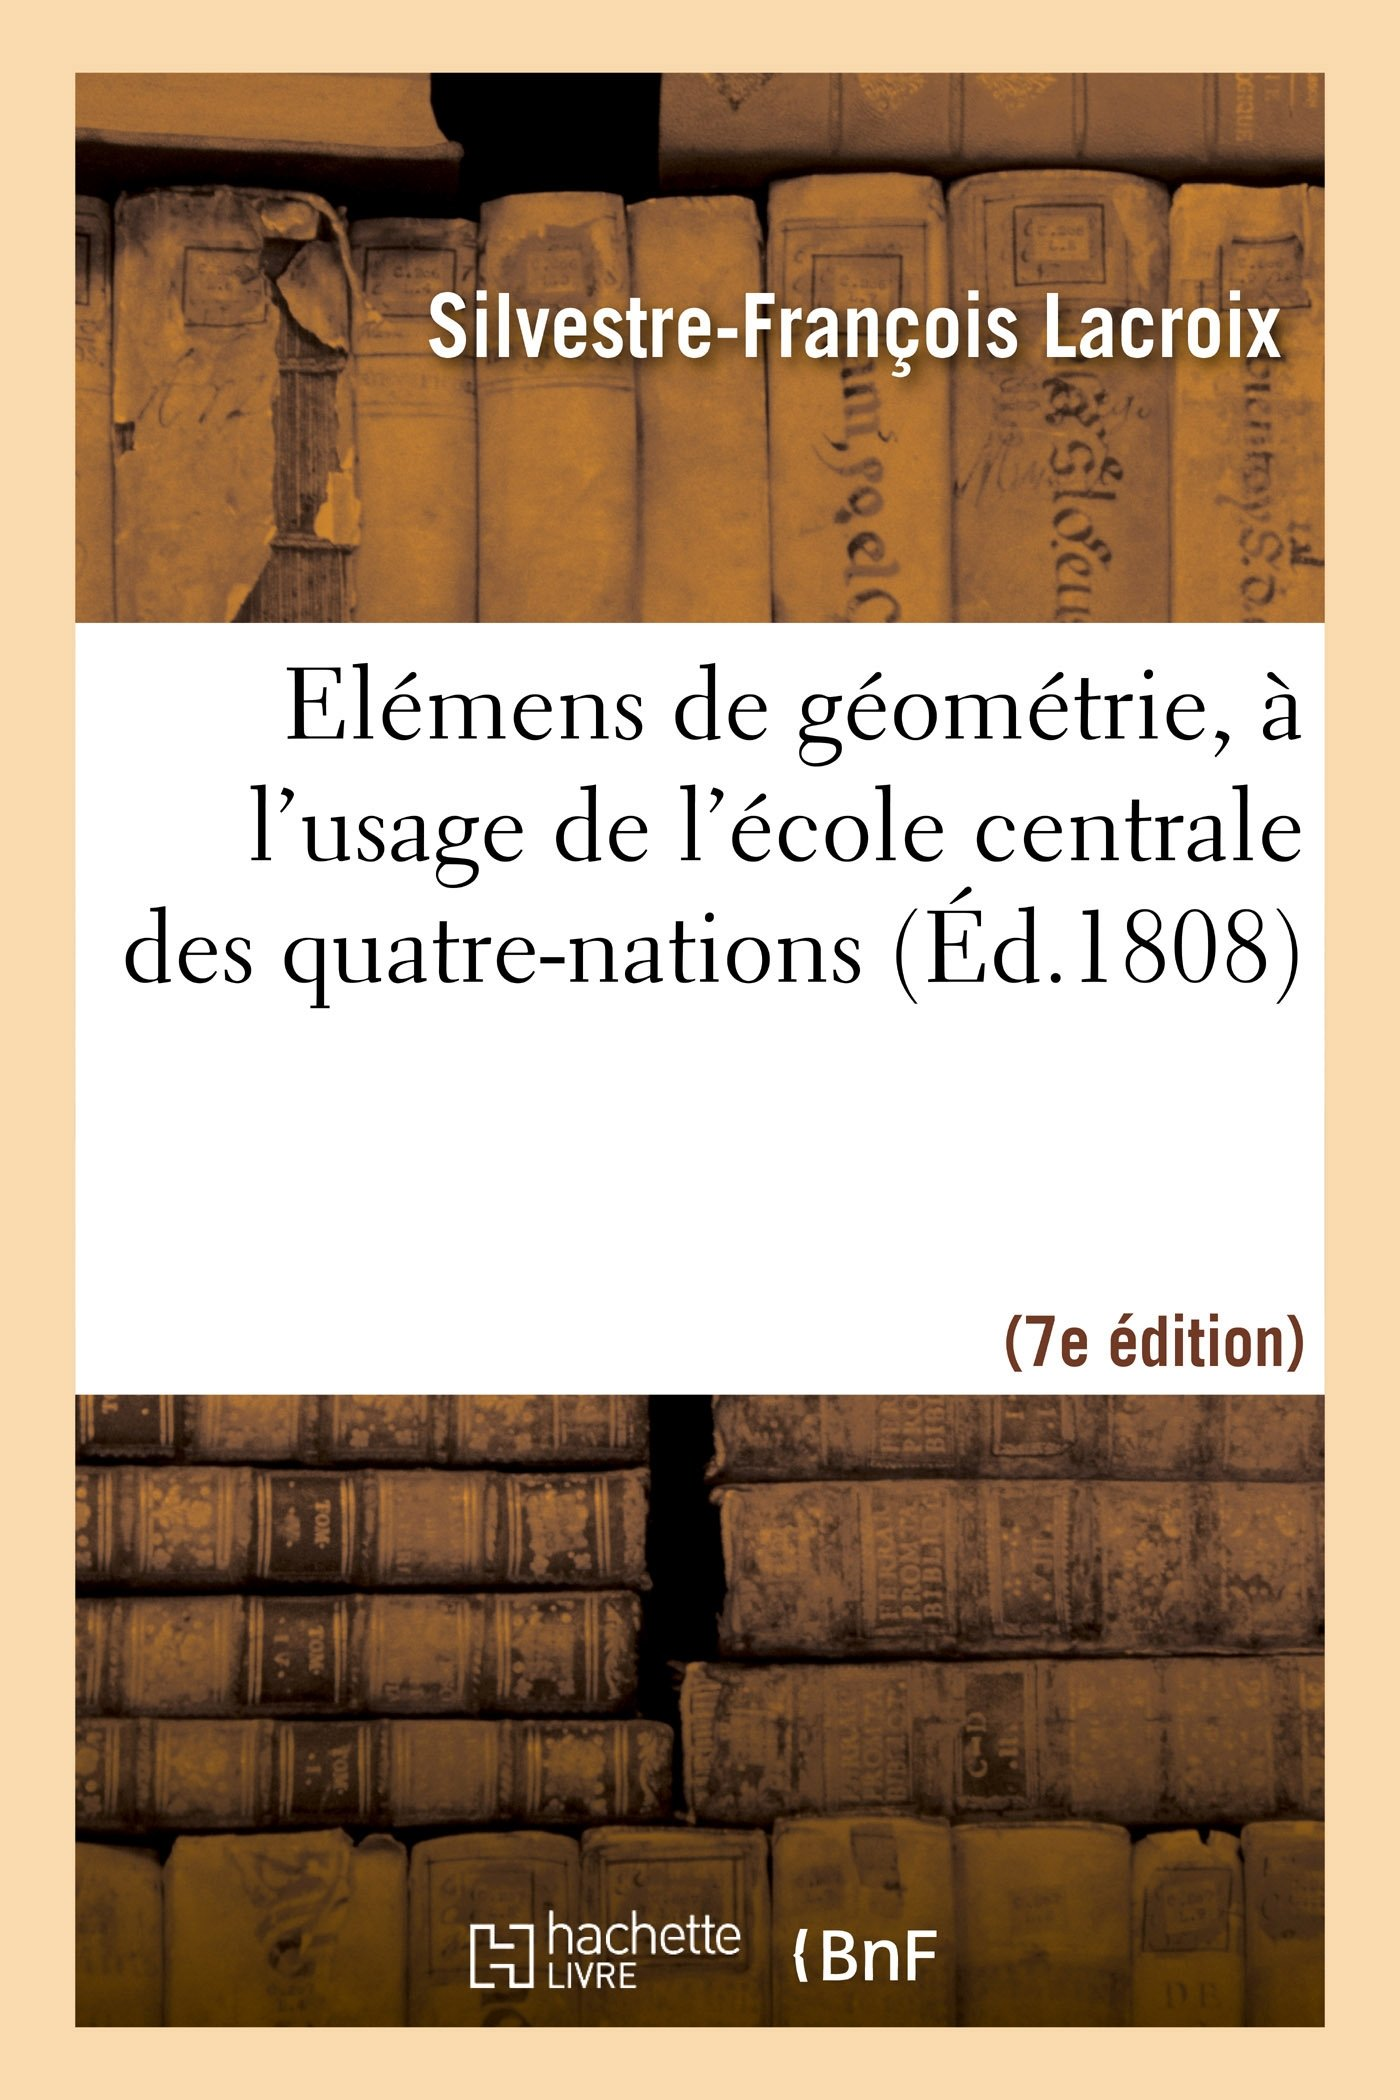 Elémens de géométrie, à l'usage de l'école centrale des quatre-nations (7e éd. rev. et corr.) (Litterature) (French Edition) pdf epub